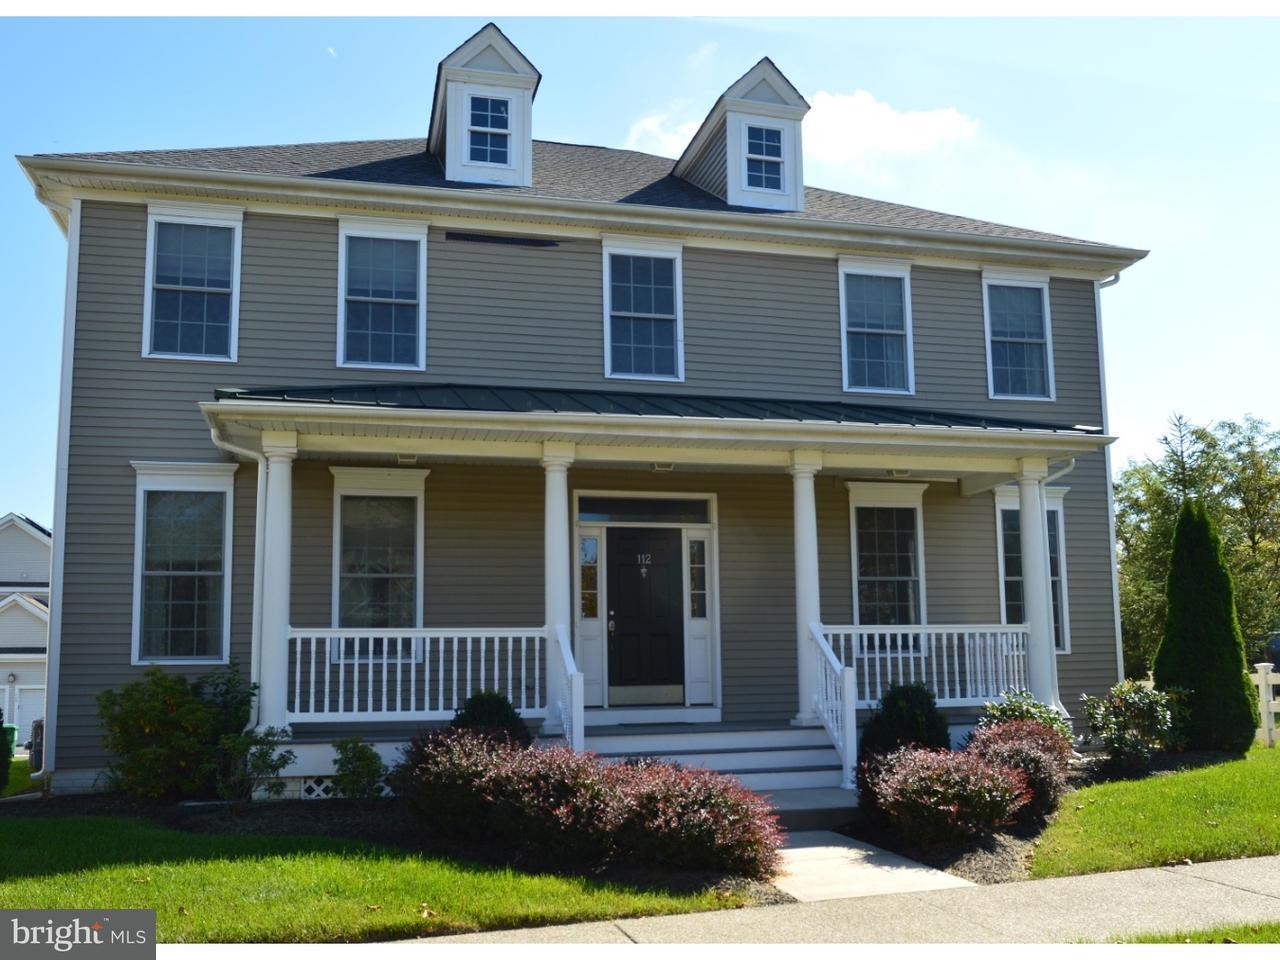 단독 가정 주택 용 매매 에 112 PRESERVATION BLVD Chesterfield, 뉴저지 08515 미국에서/약: Chesterfield Township